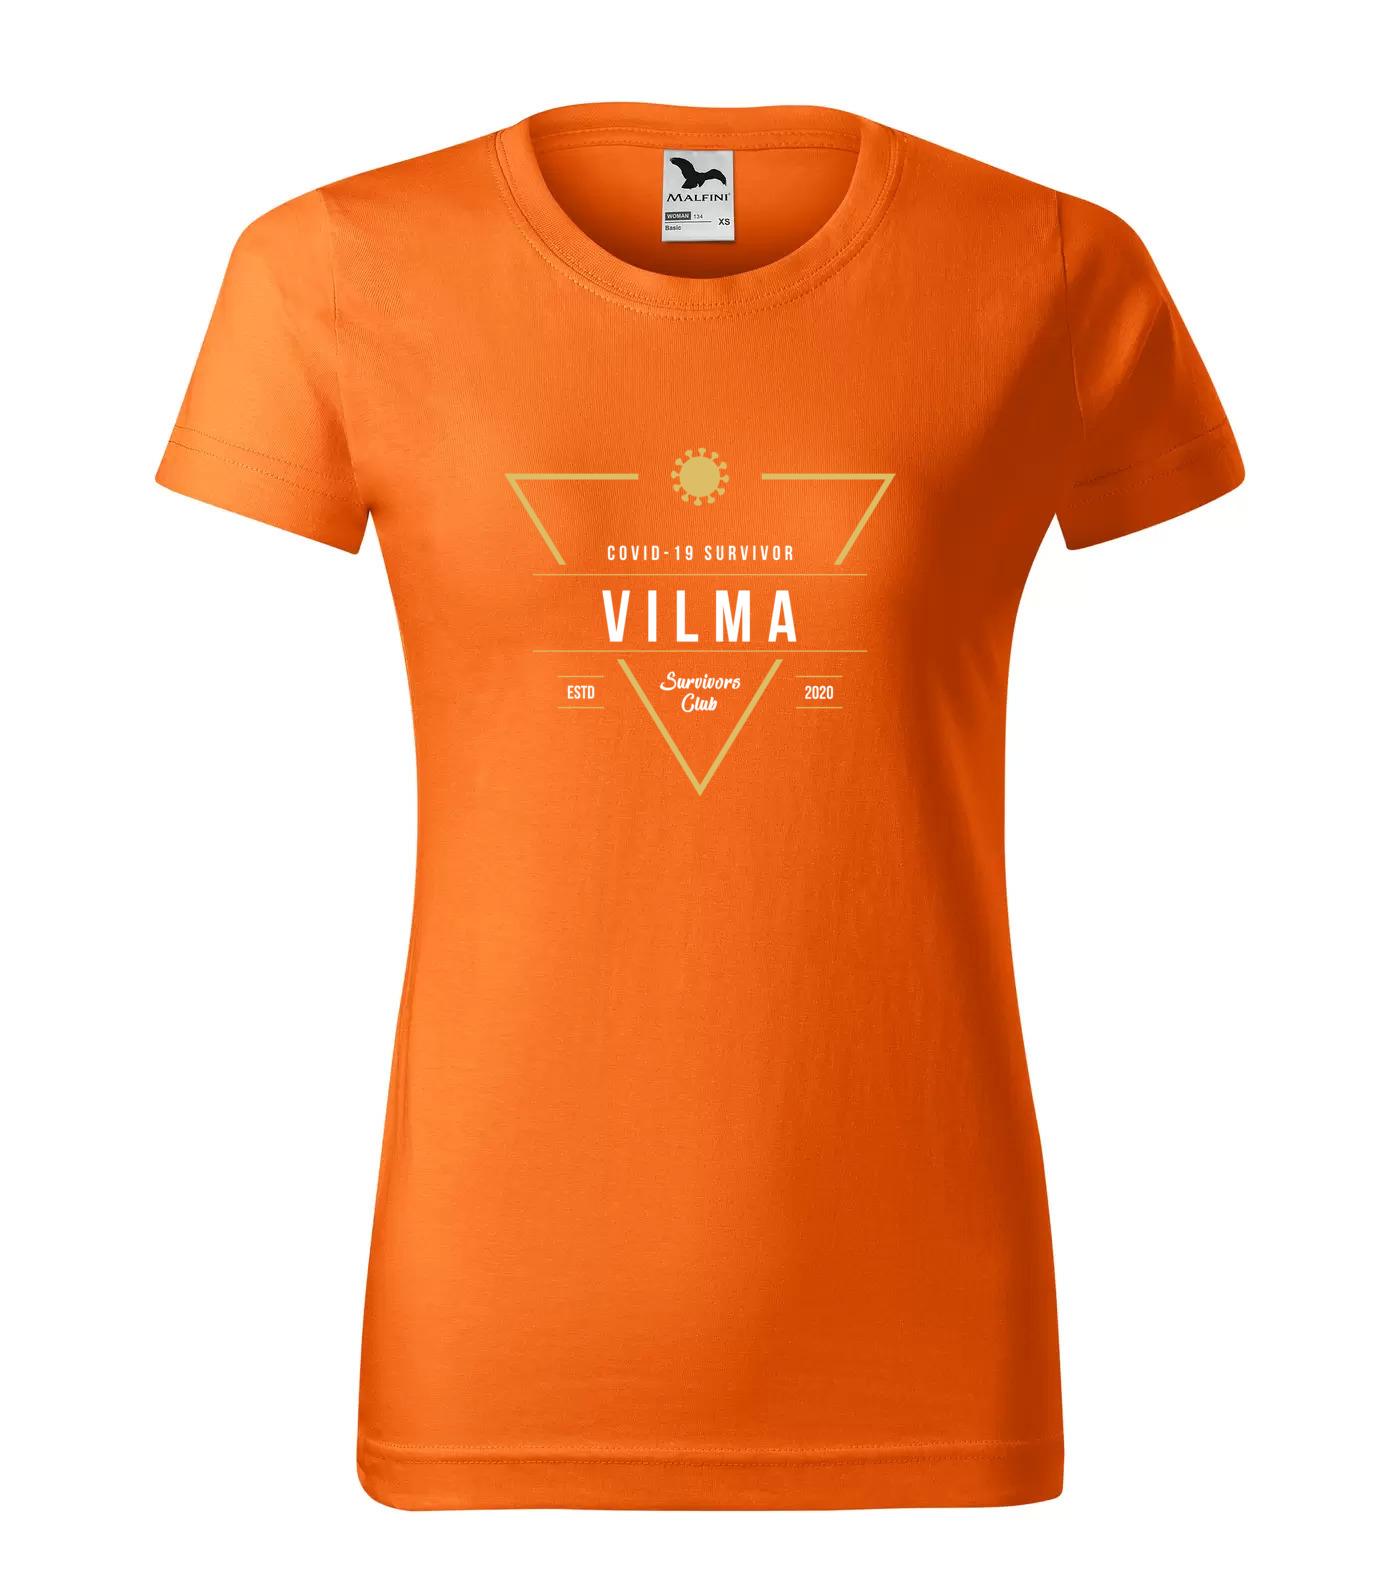 Tričko Survivor Club Vilma